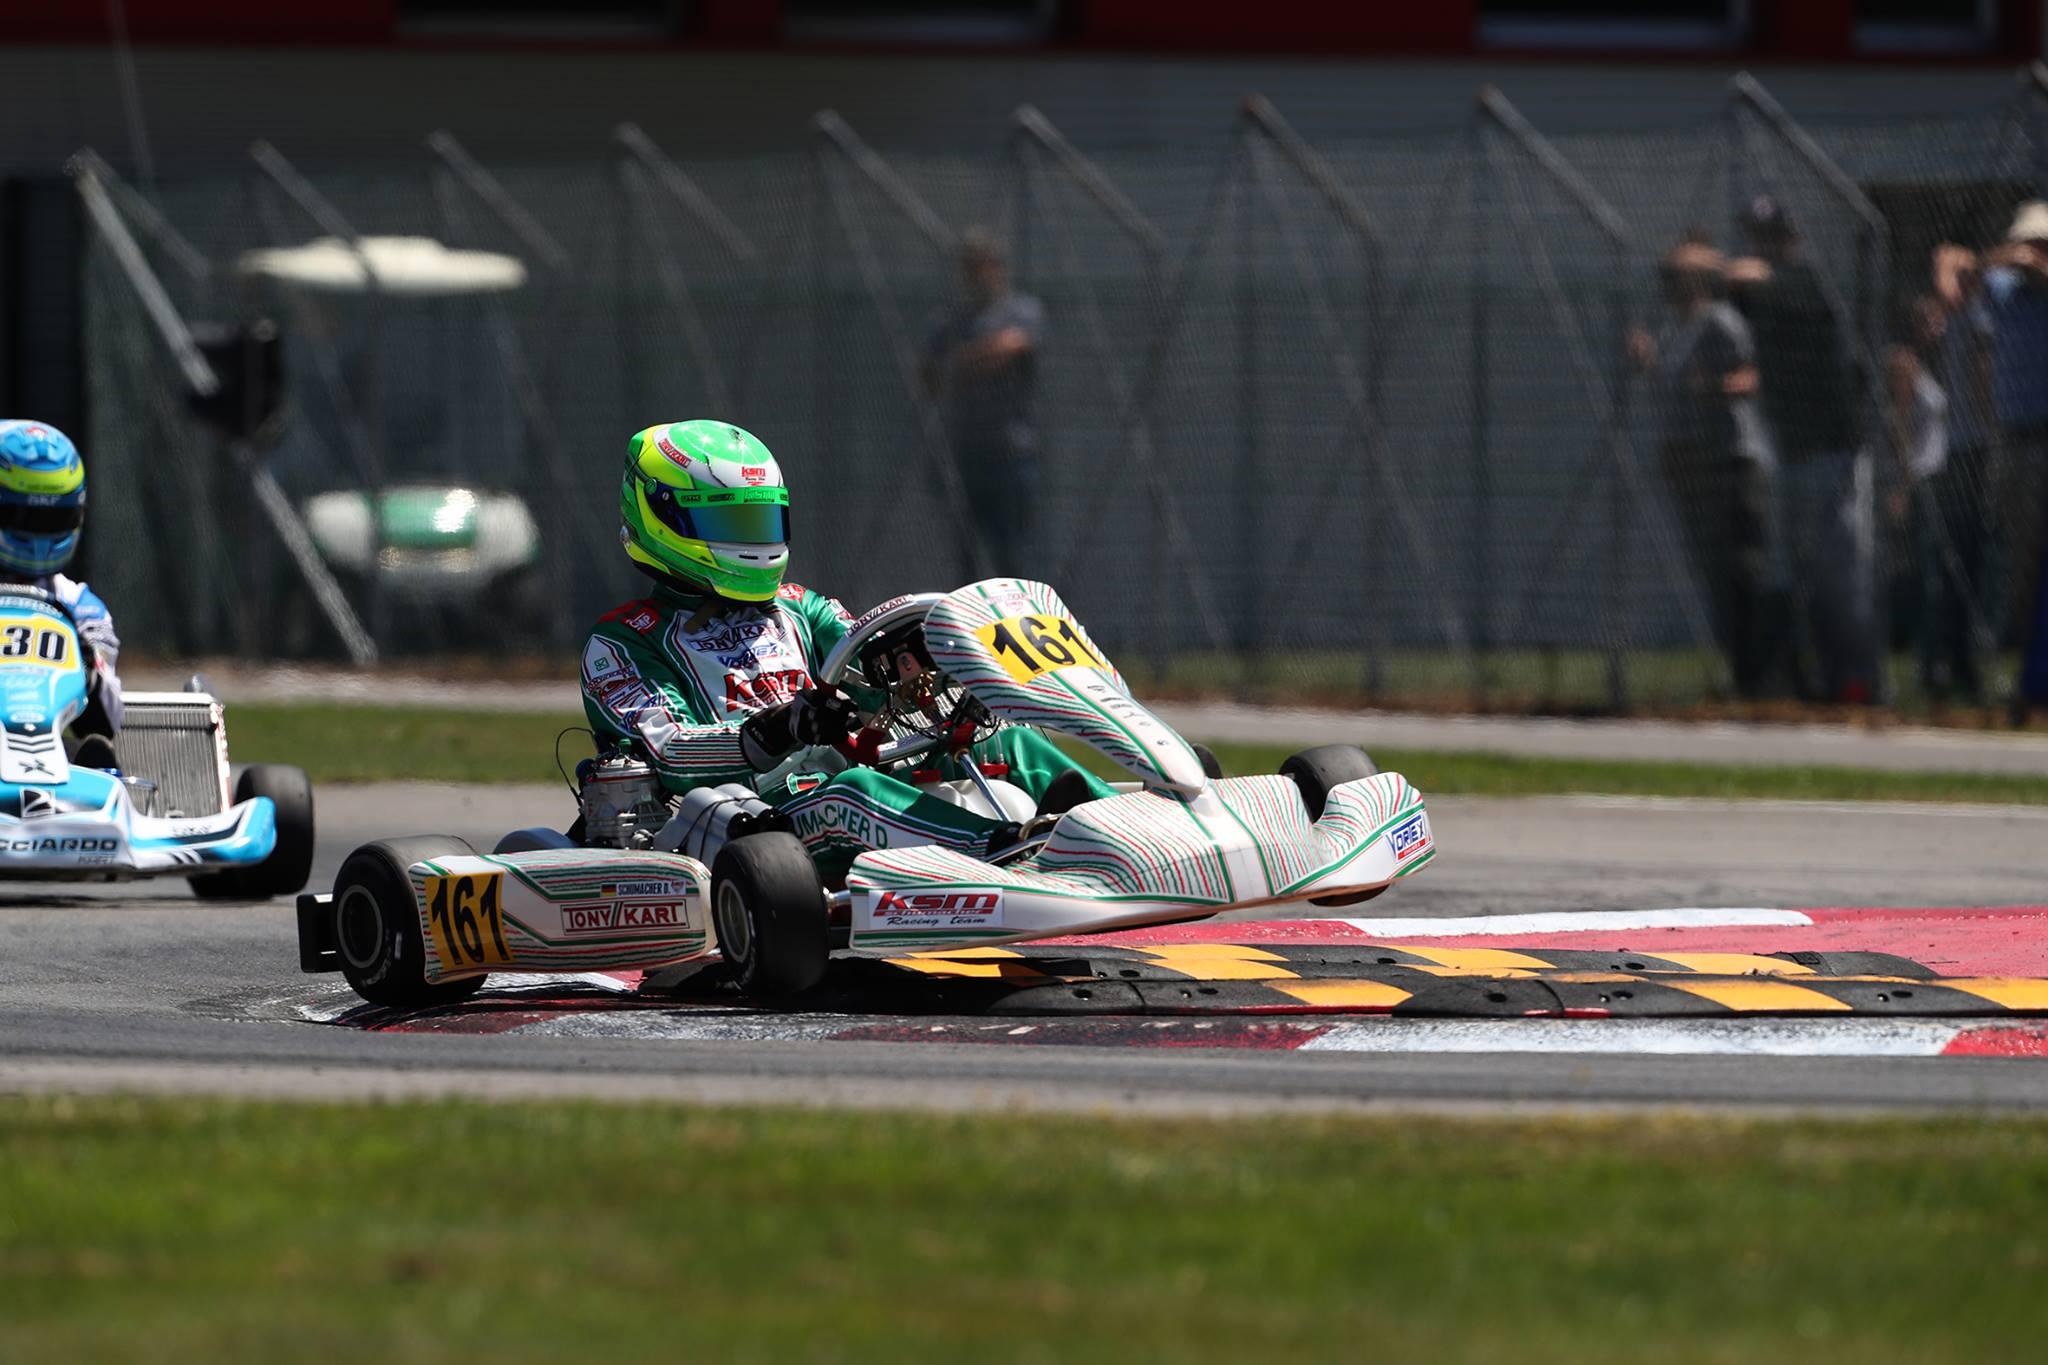 Circuito Karts Fernando Alonso : Ralf schumacher y fernando alonso se pelean por la